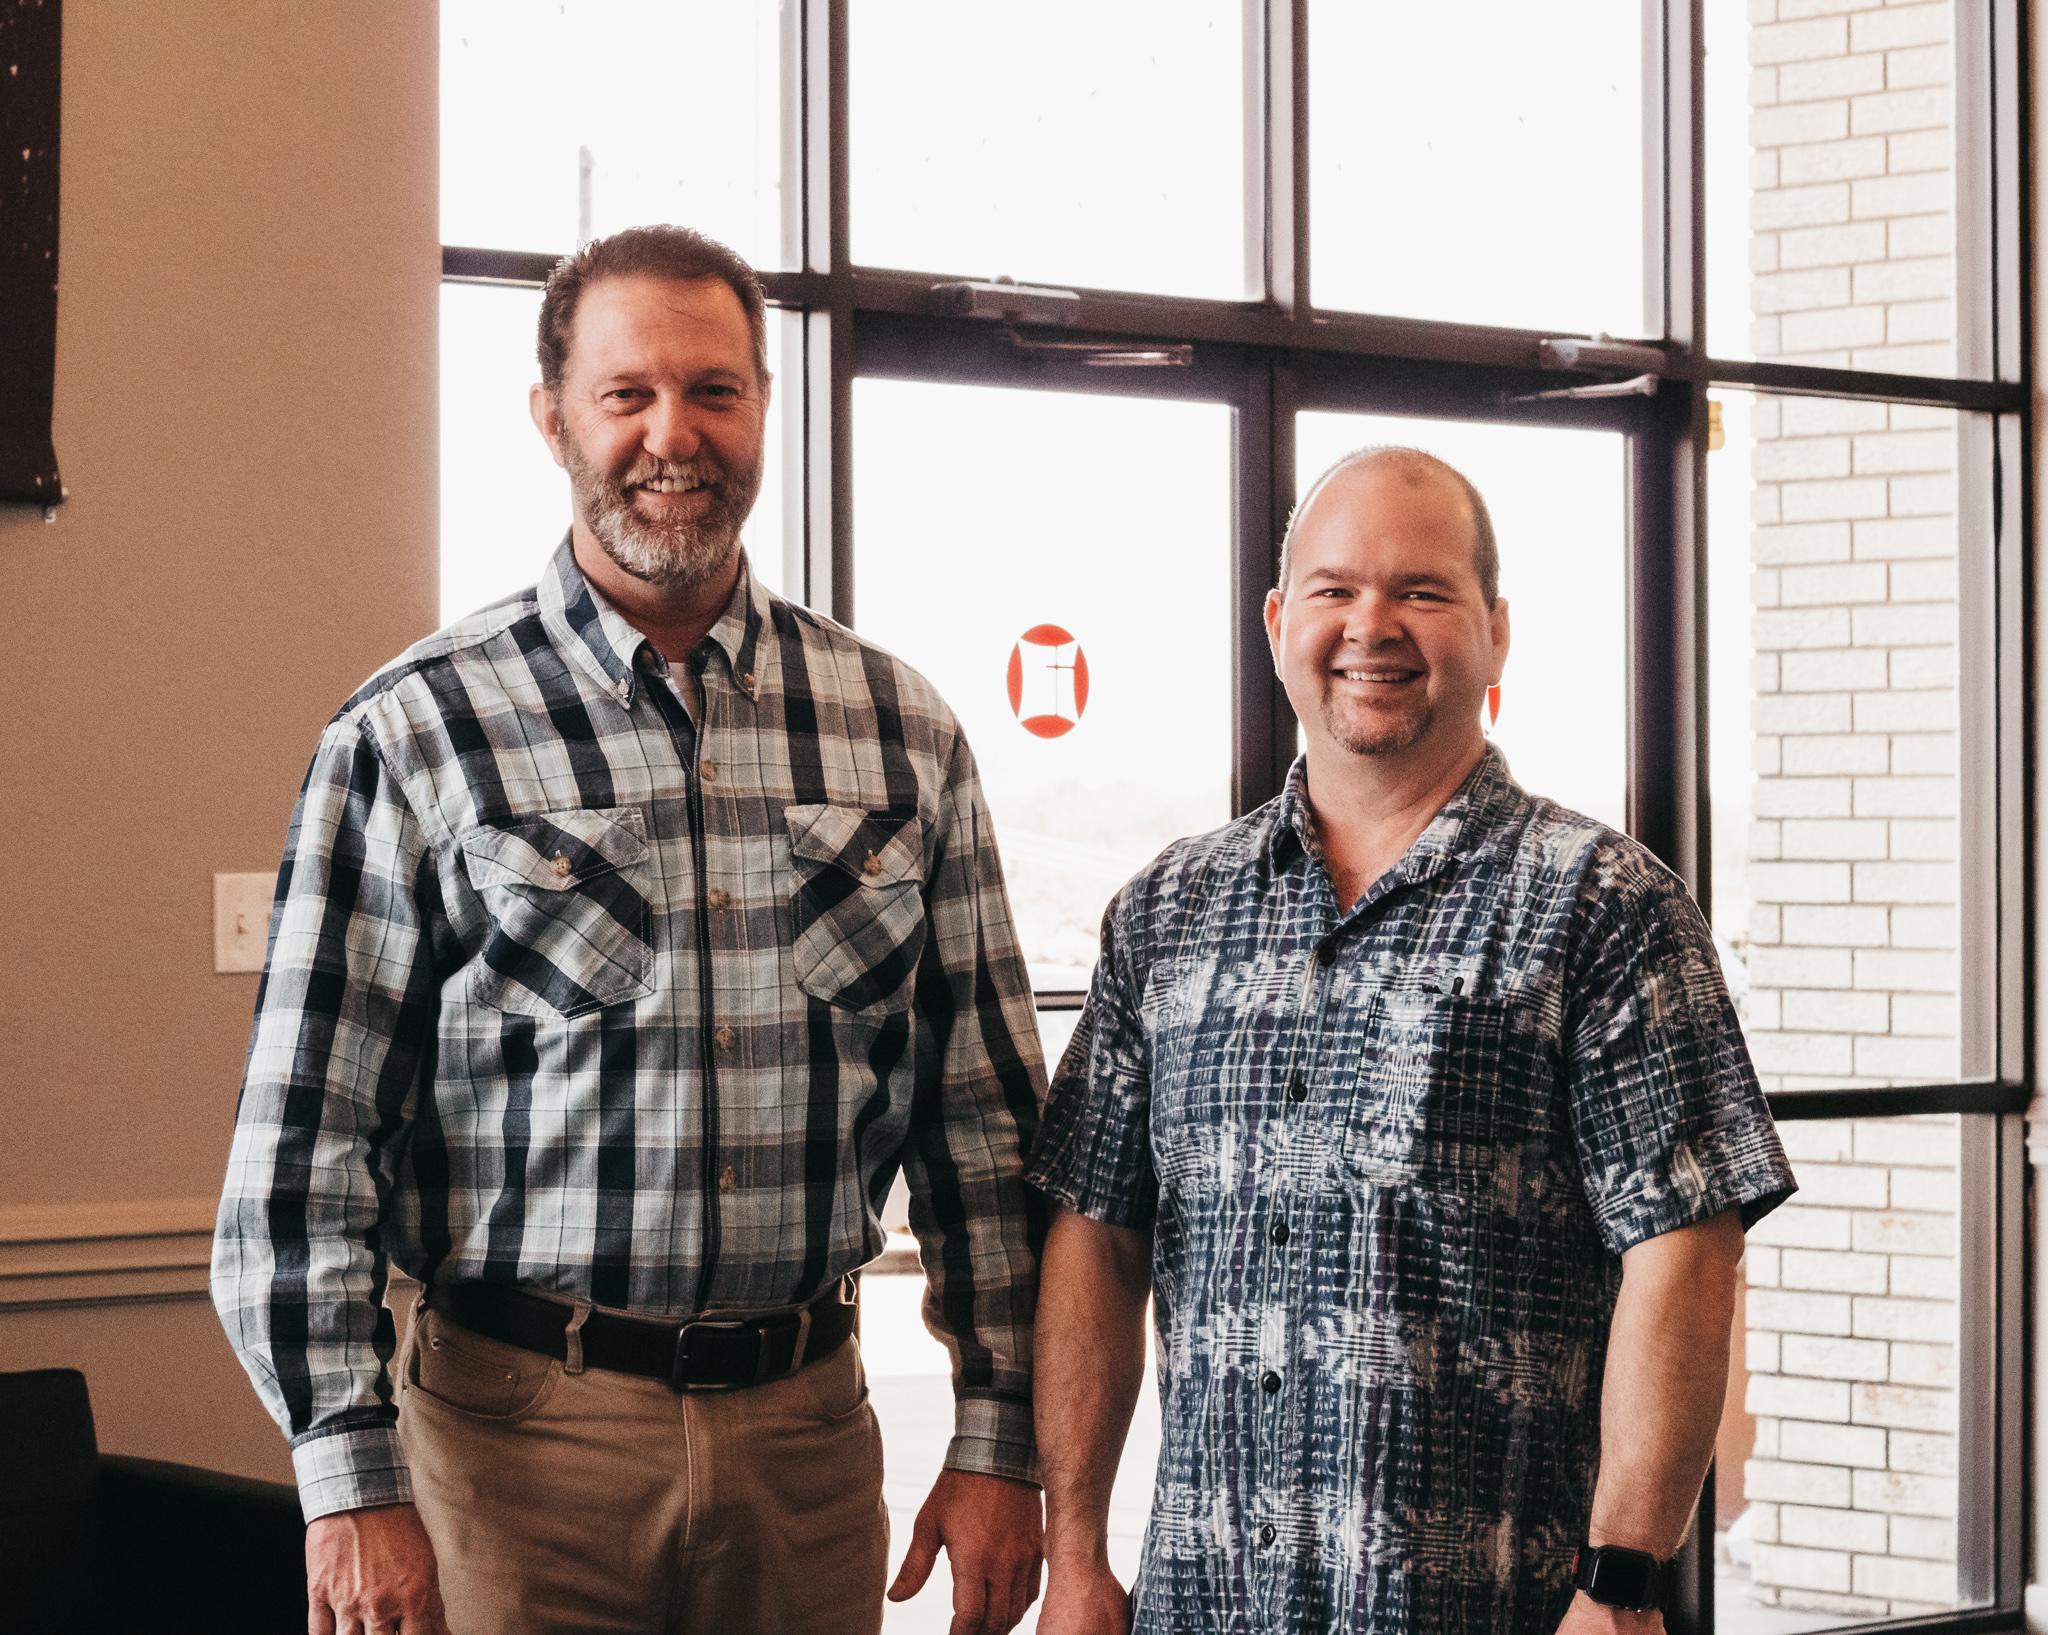 John Dickinson & David Moss